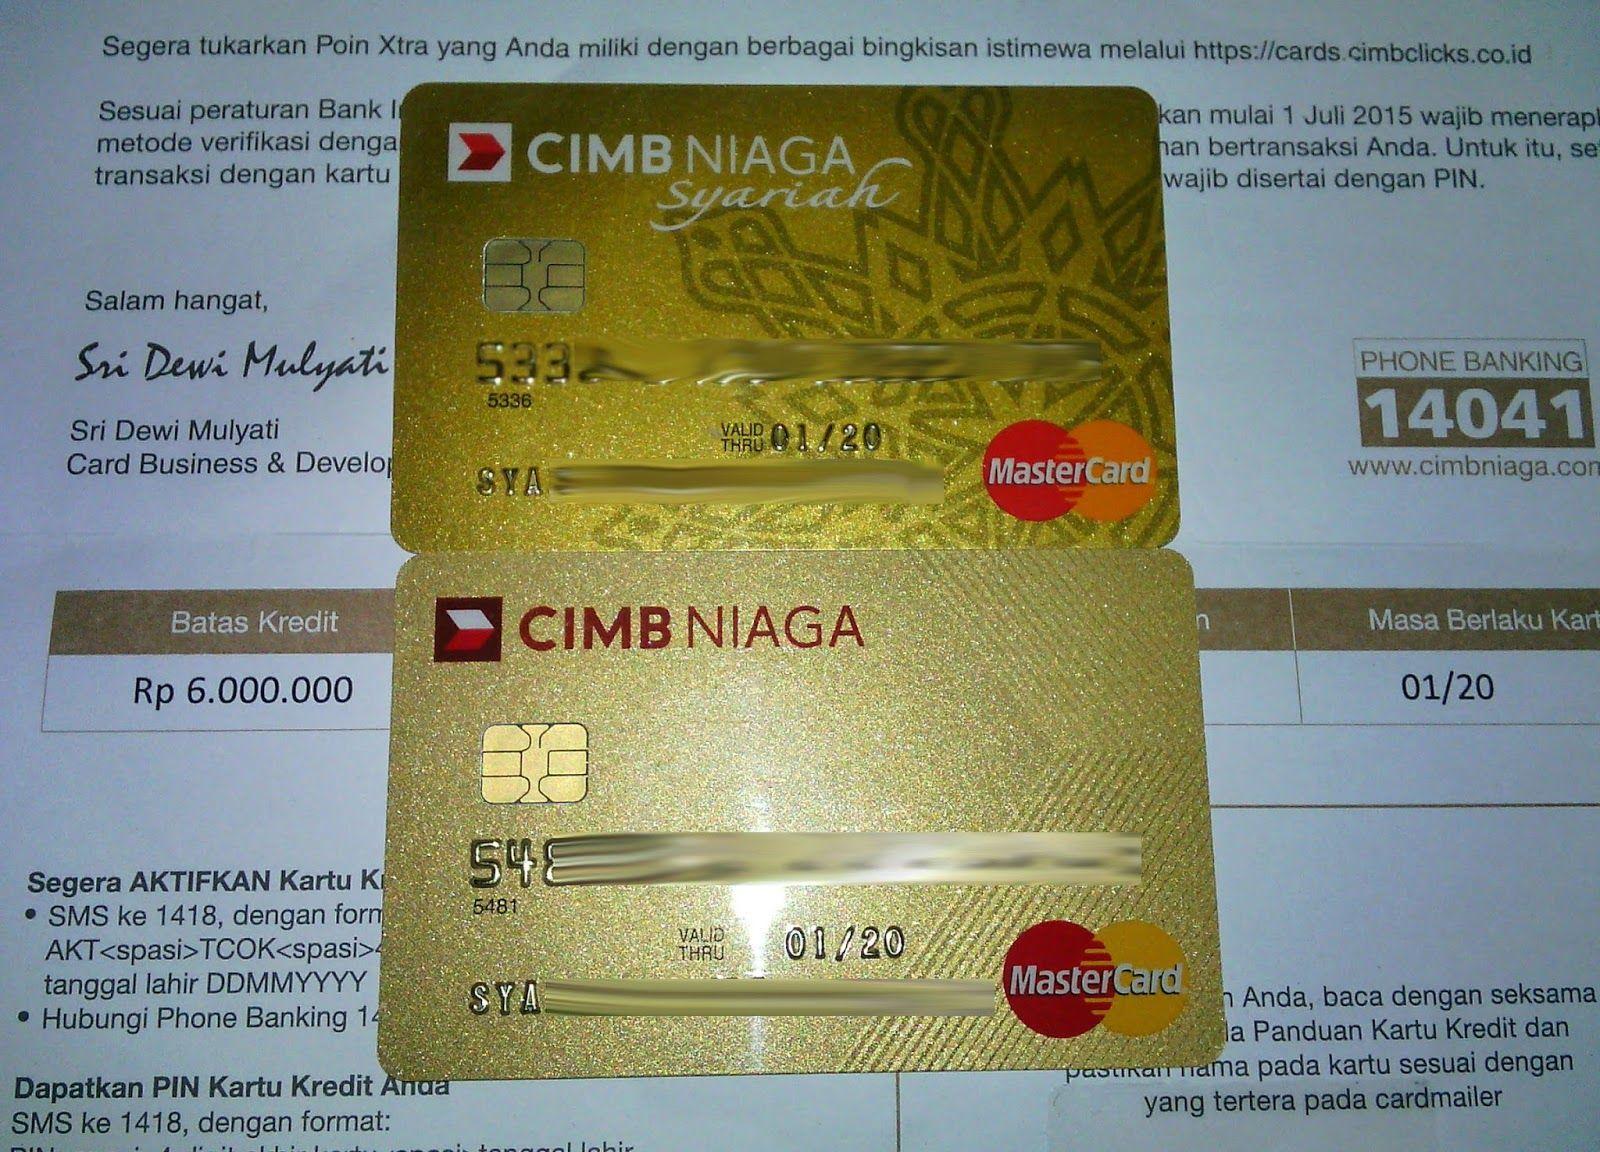 Cara Mudah Apply Kartu Kredit Cimb Niaga Online Kartu Kredit Uang Kartu